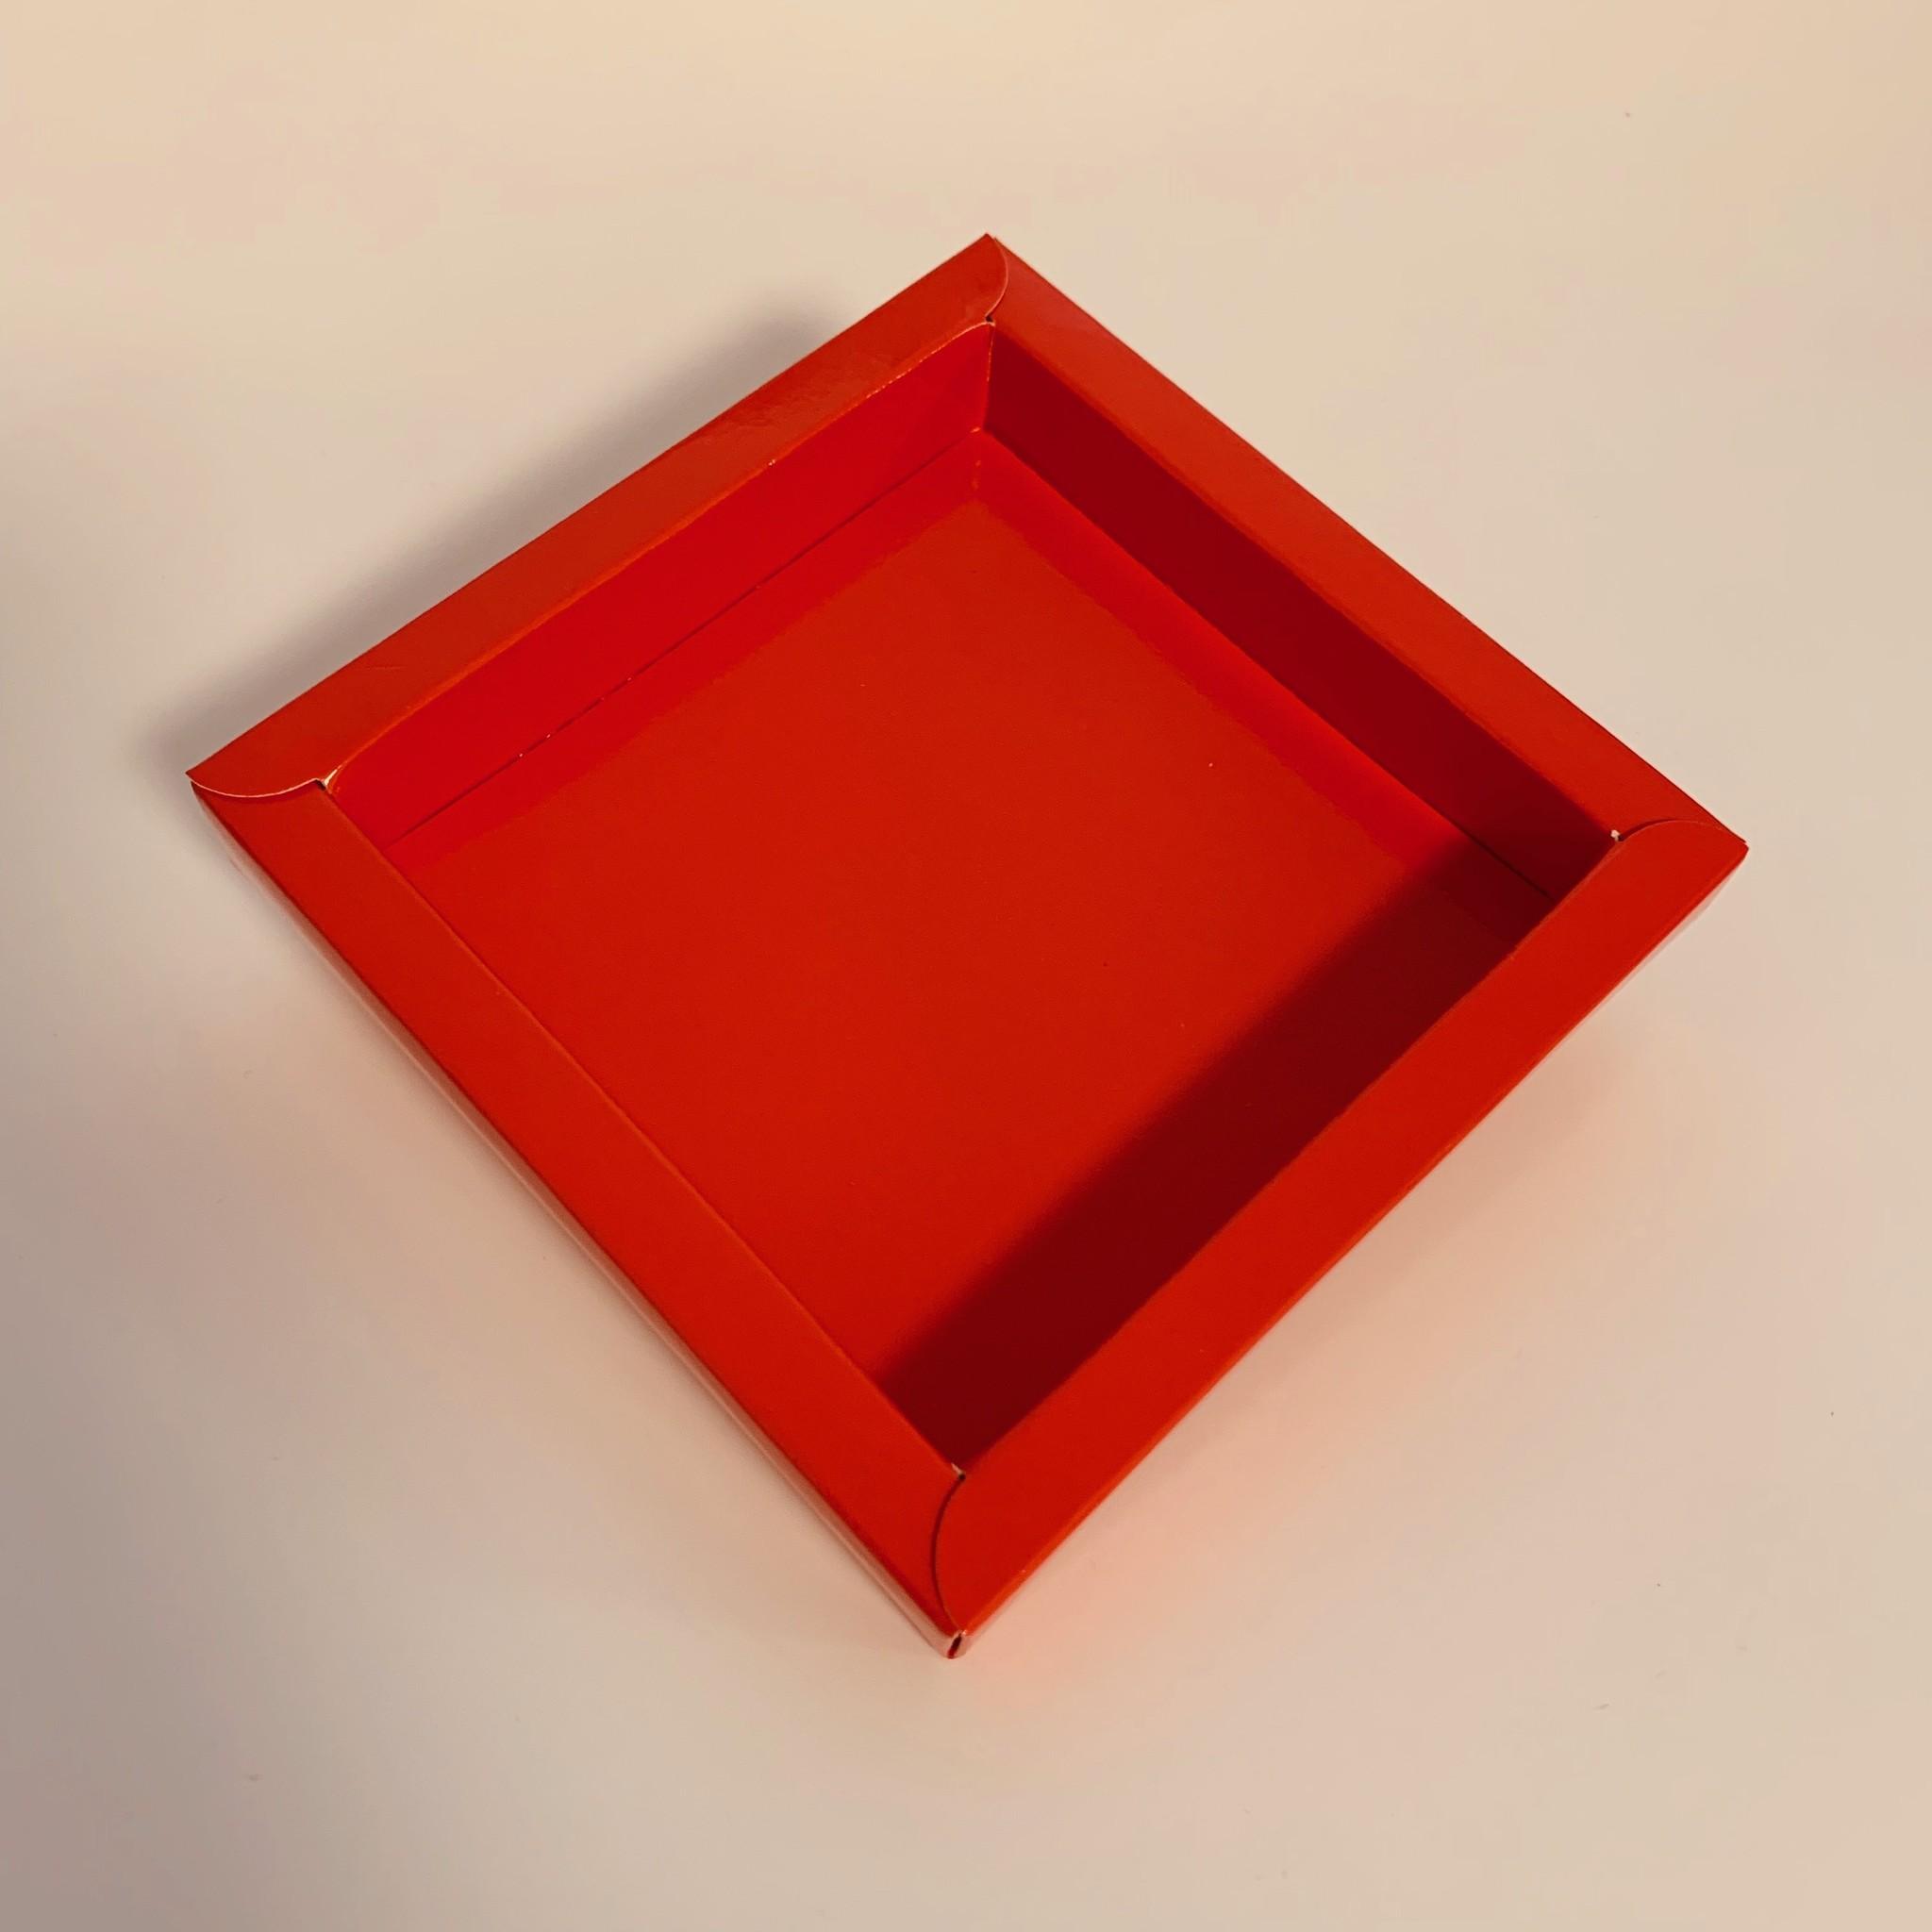 Hollewand verpakking NR.100 inhoud: 100x100x20mm (175stuks)